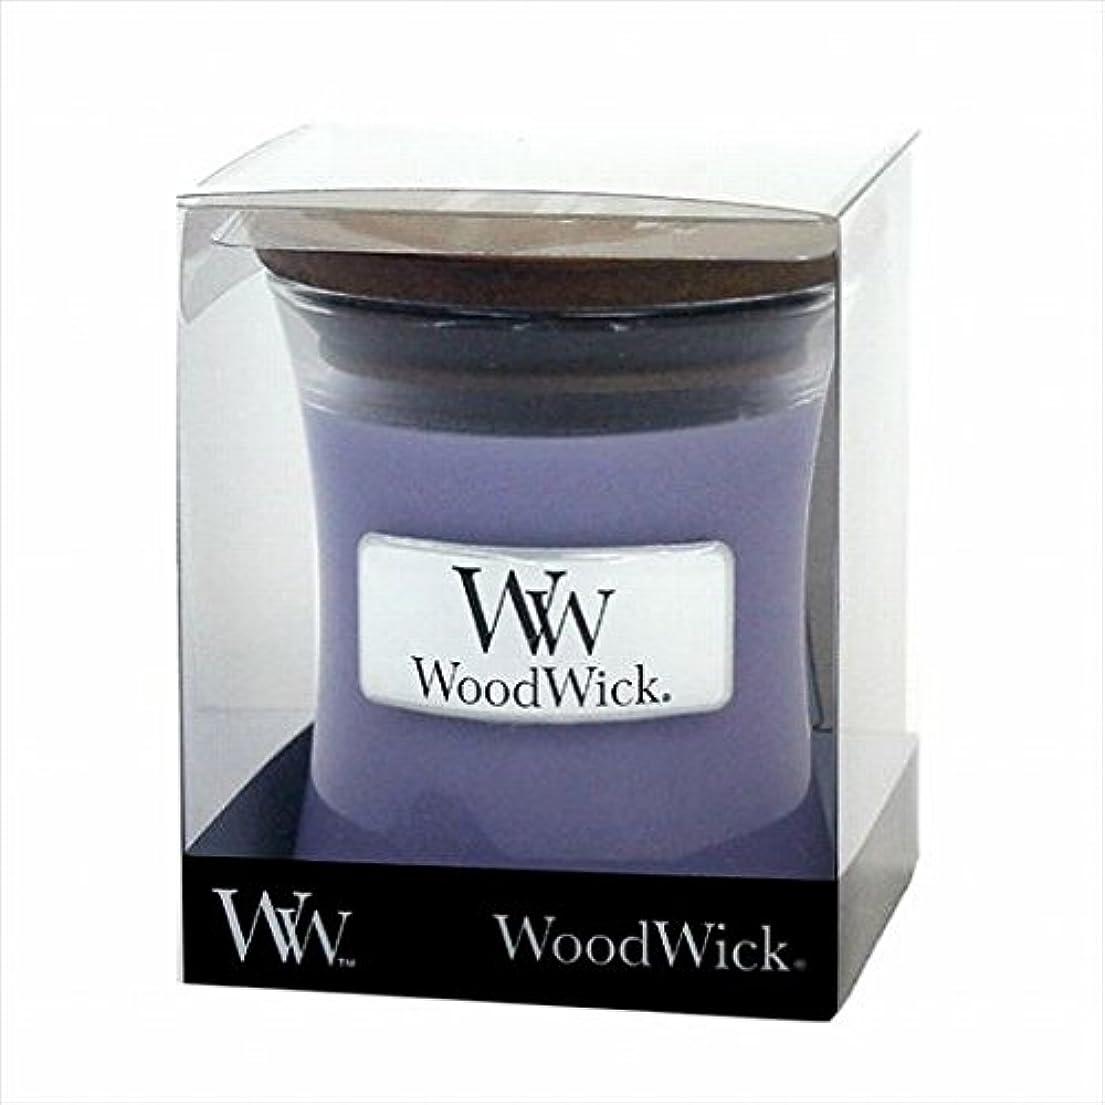 勤勉な無心競争カメヤマキャンドル( kameyama candle ) Wood Wick ジャーS 「 ラベンダースパ 」